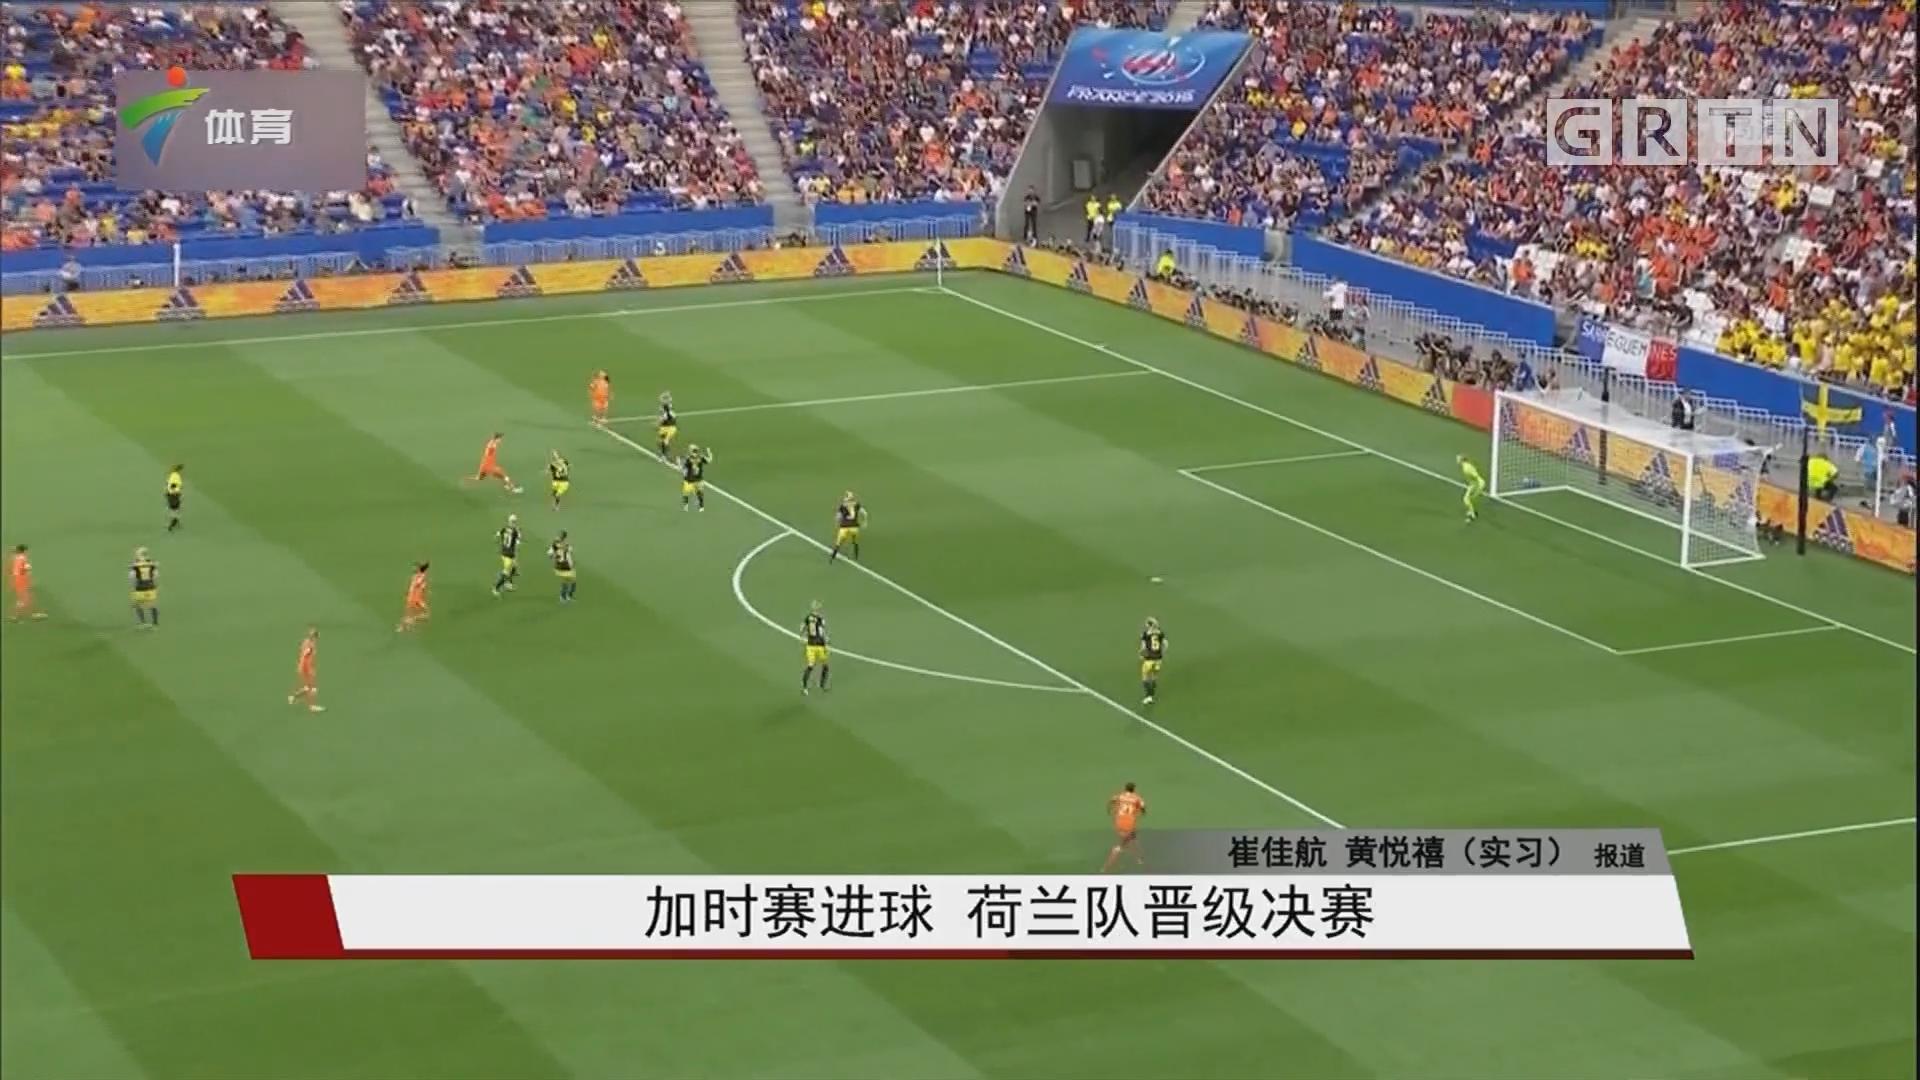 加时赛进球 荷兰队晋级决赛